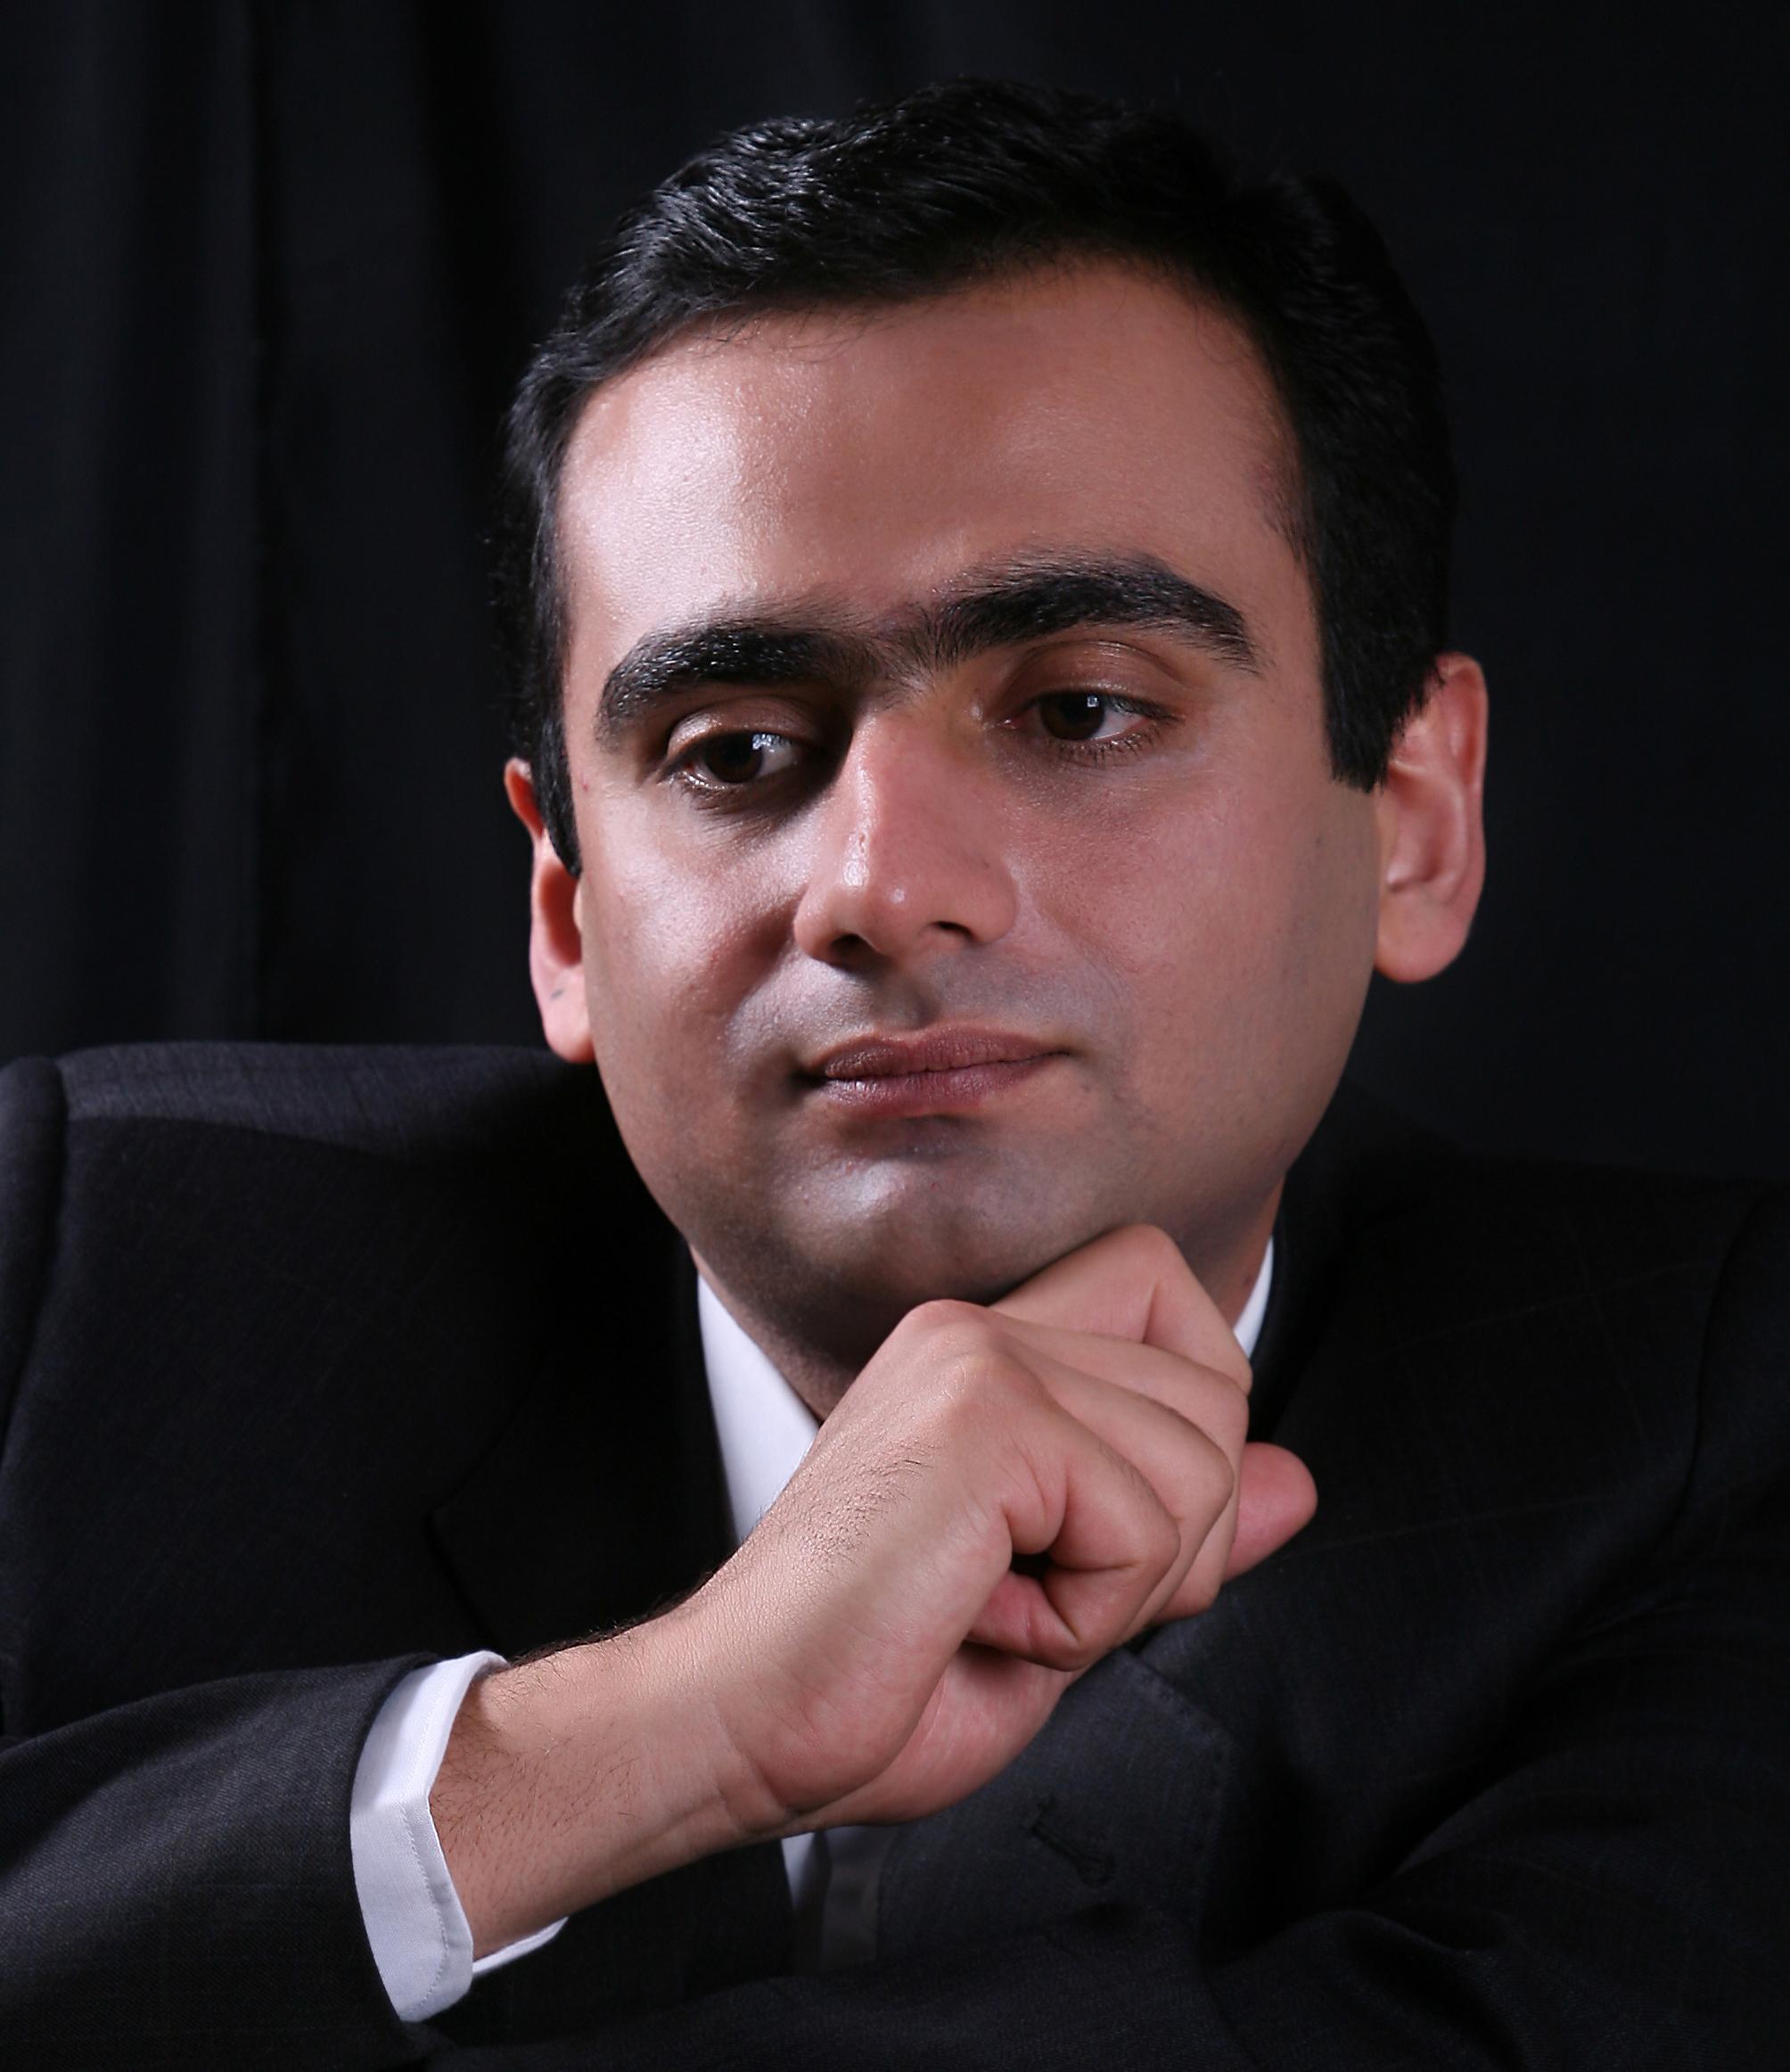 امید نقوی-Omid Naghavi-امید نقوی